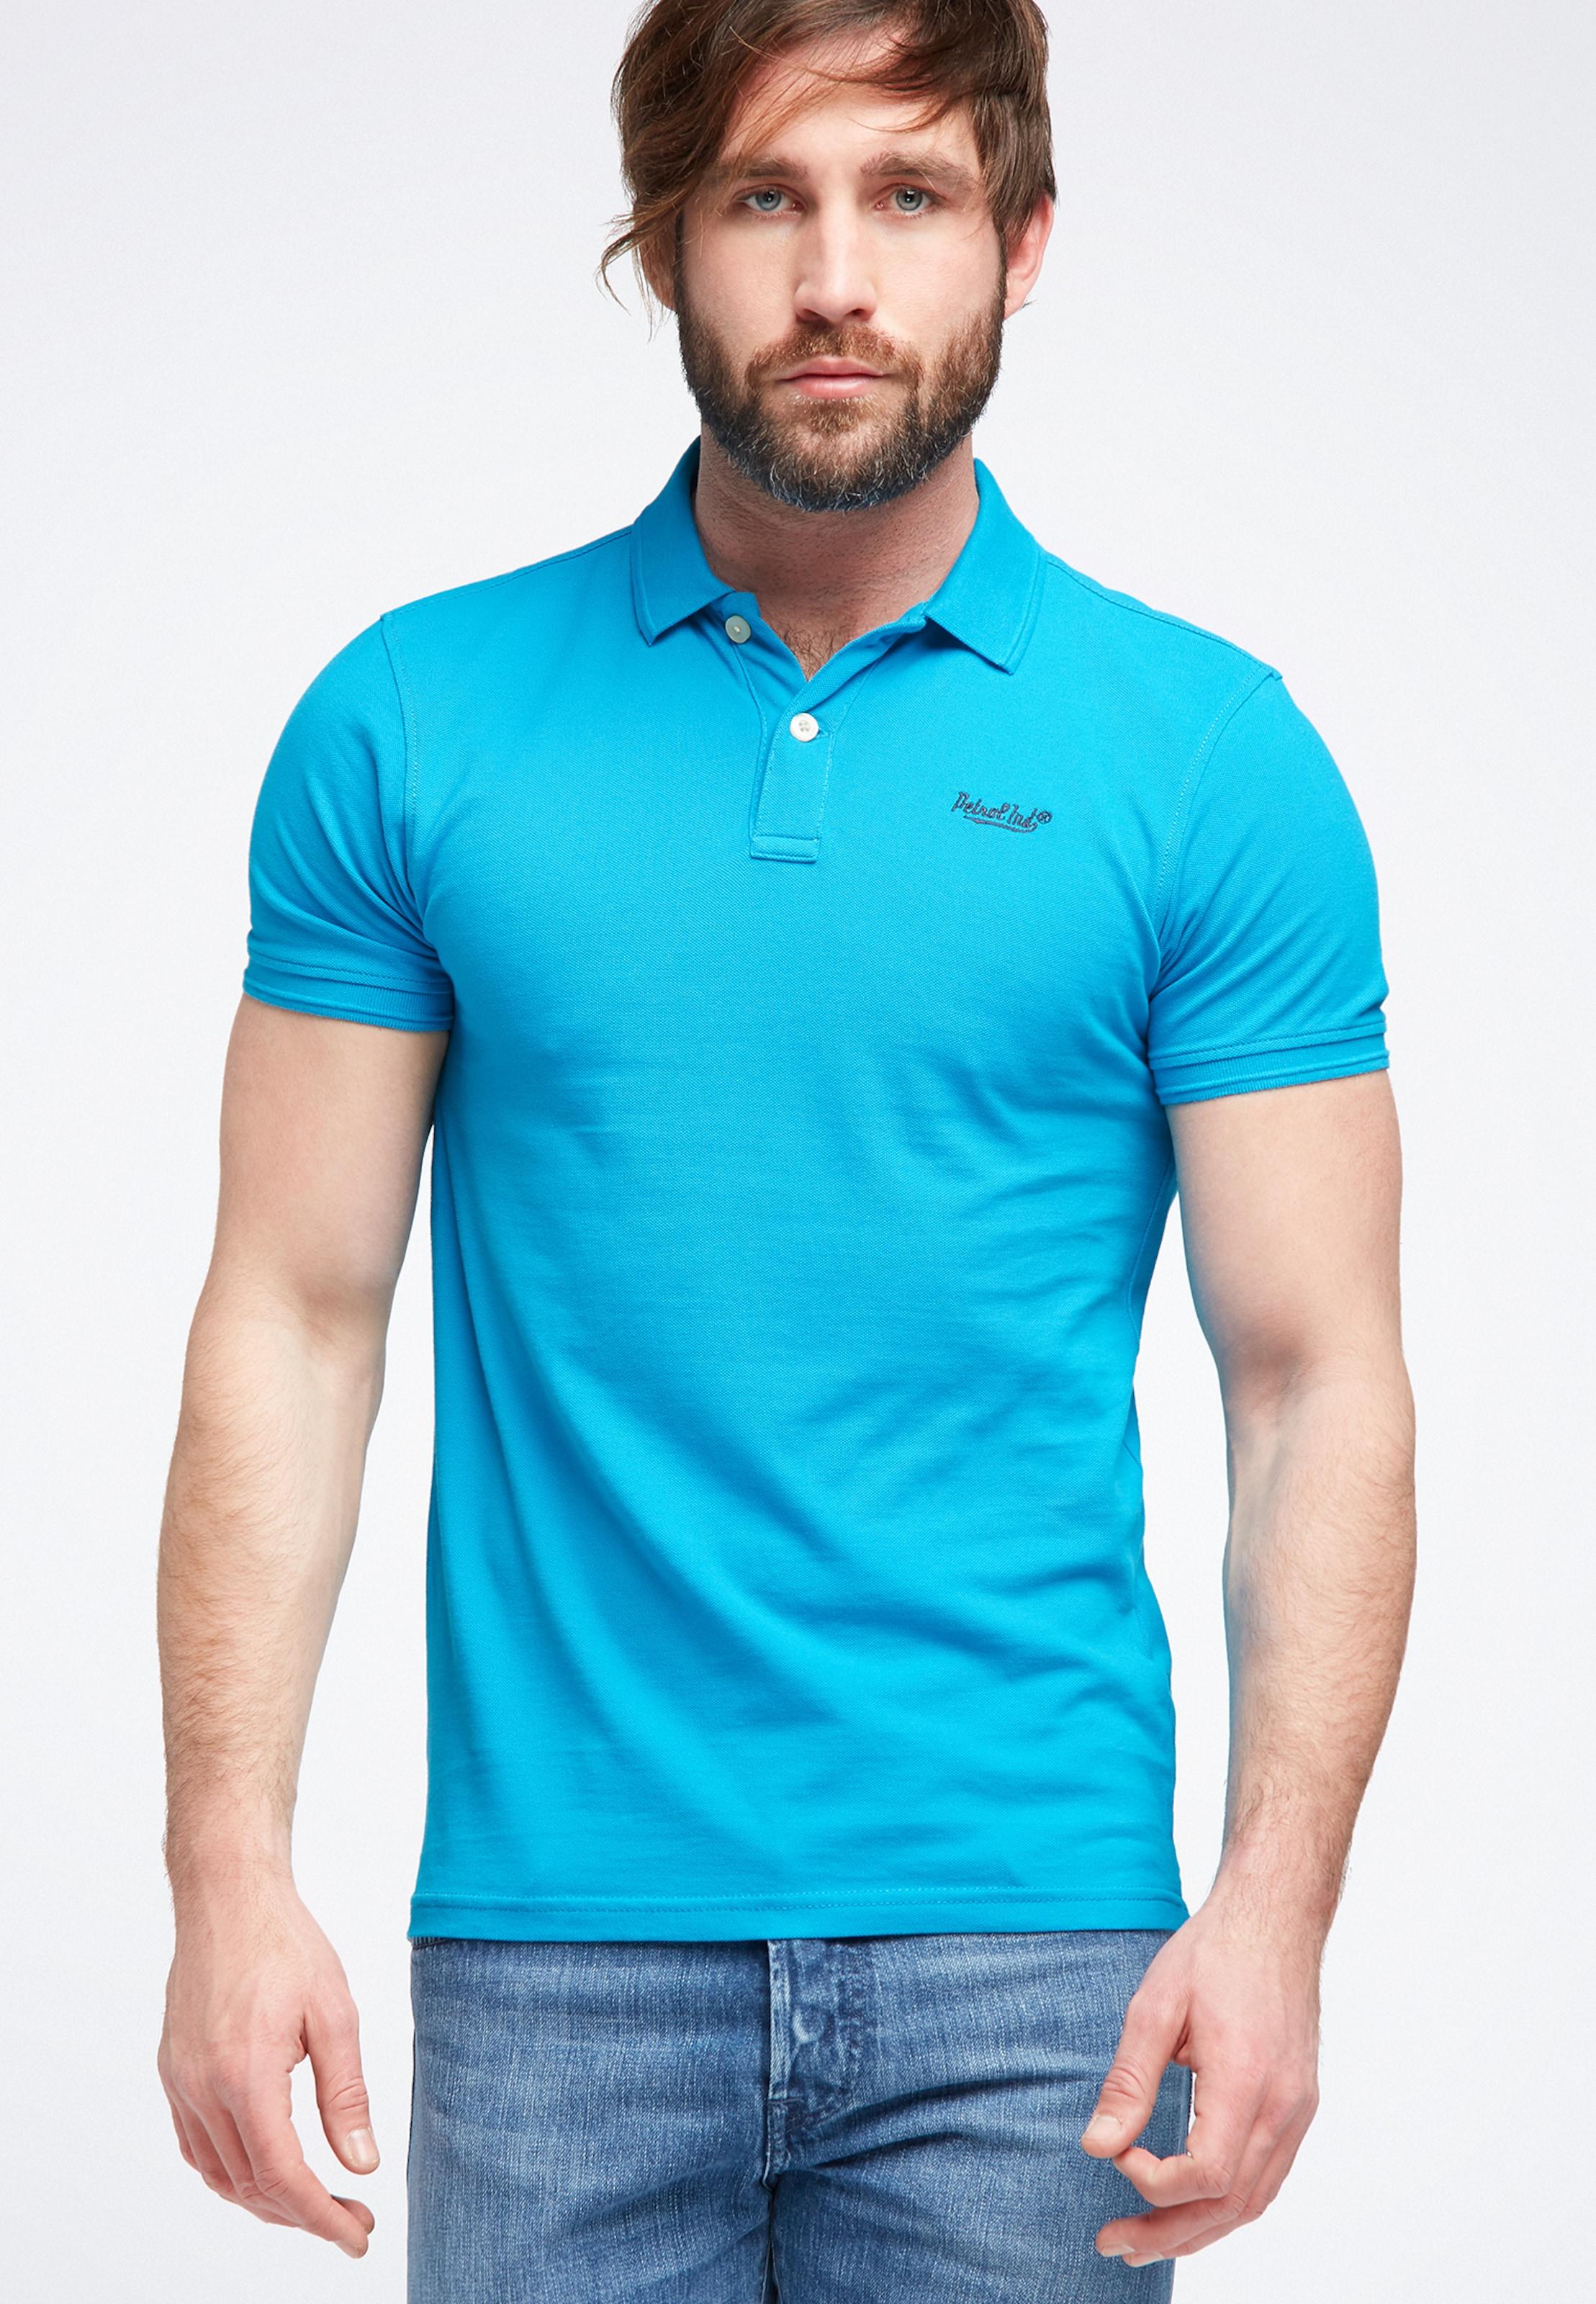 shirt Turquoise Petrol T En Industries bfg7y6